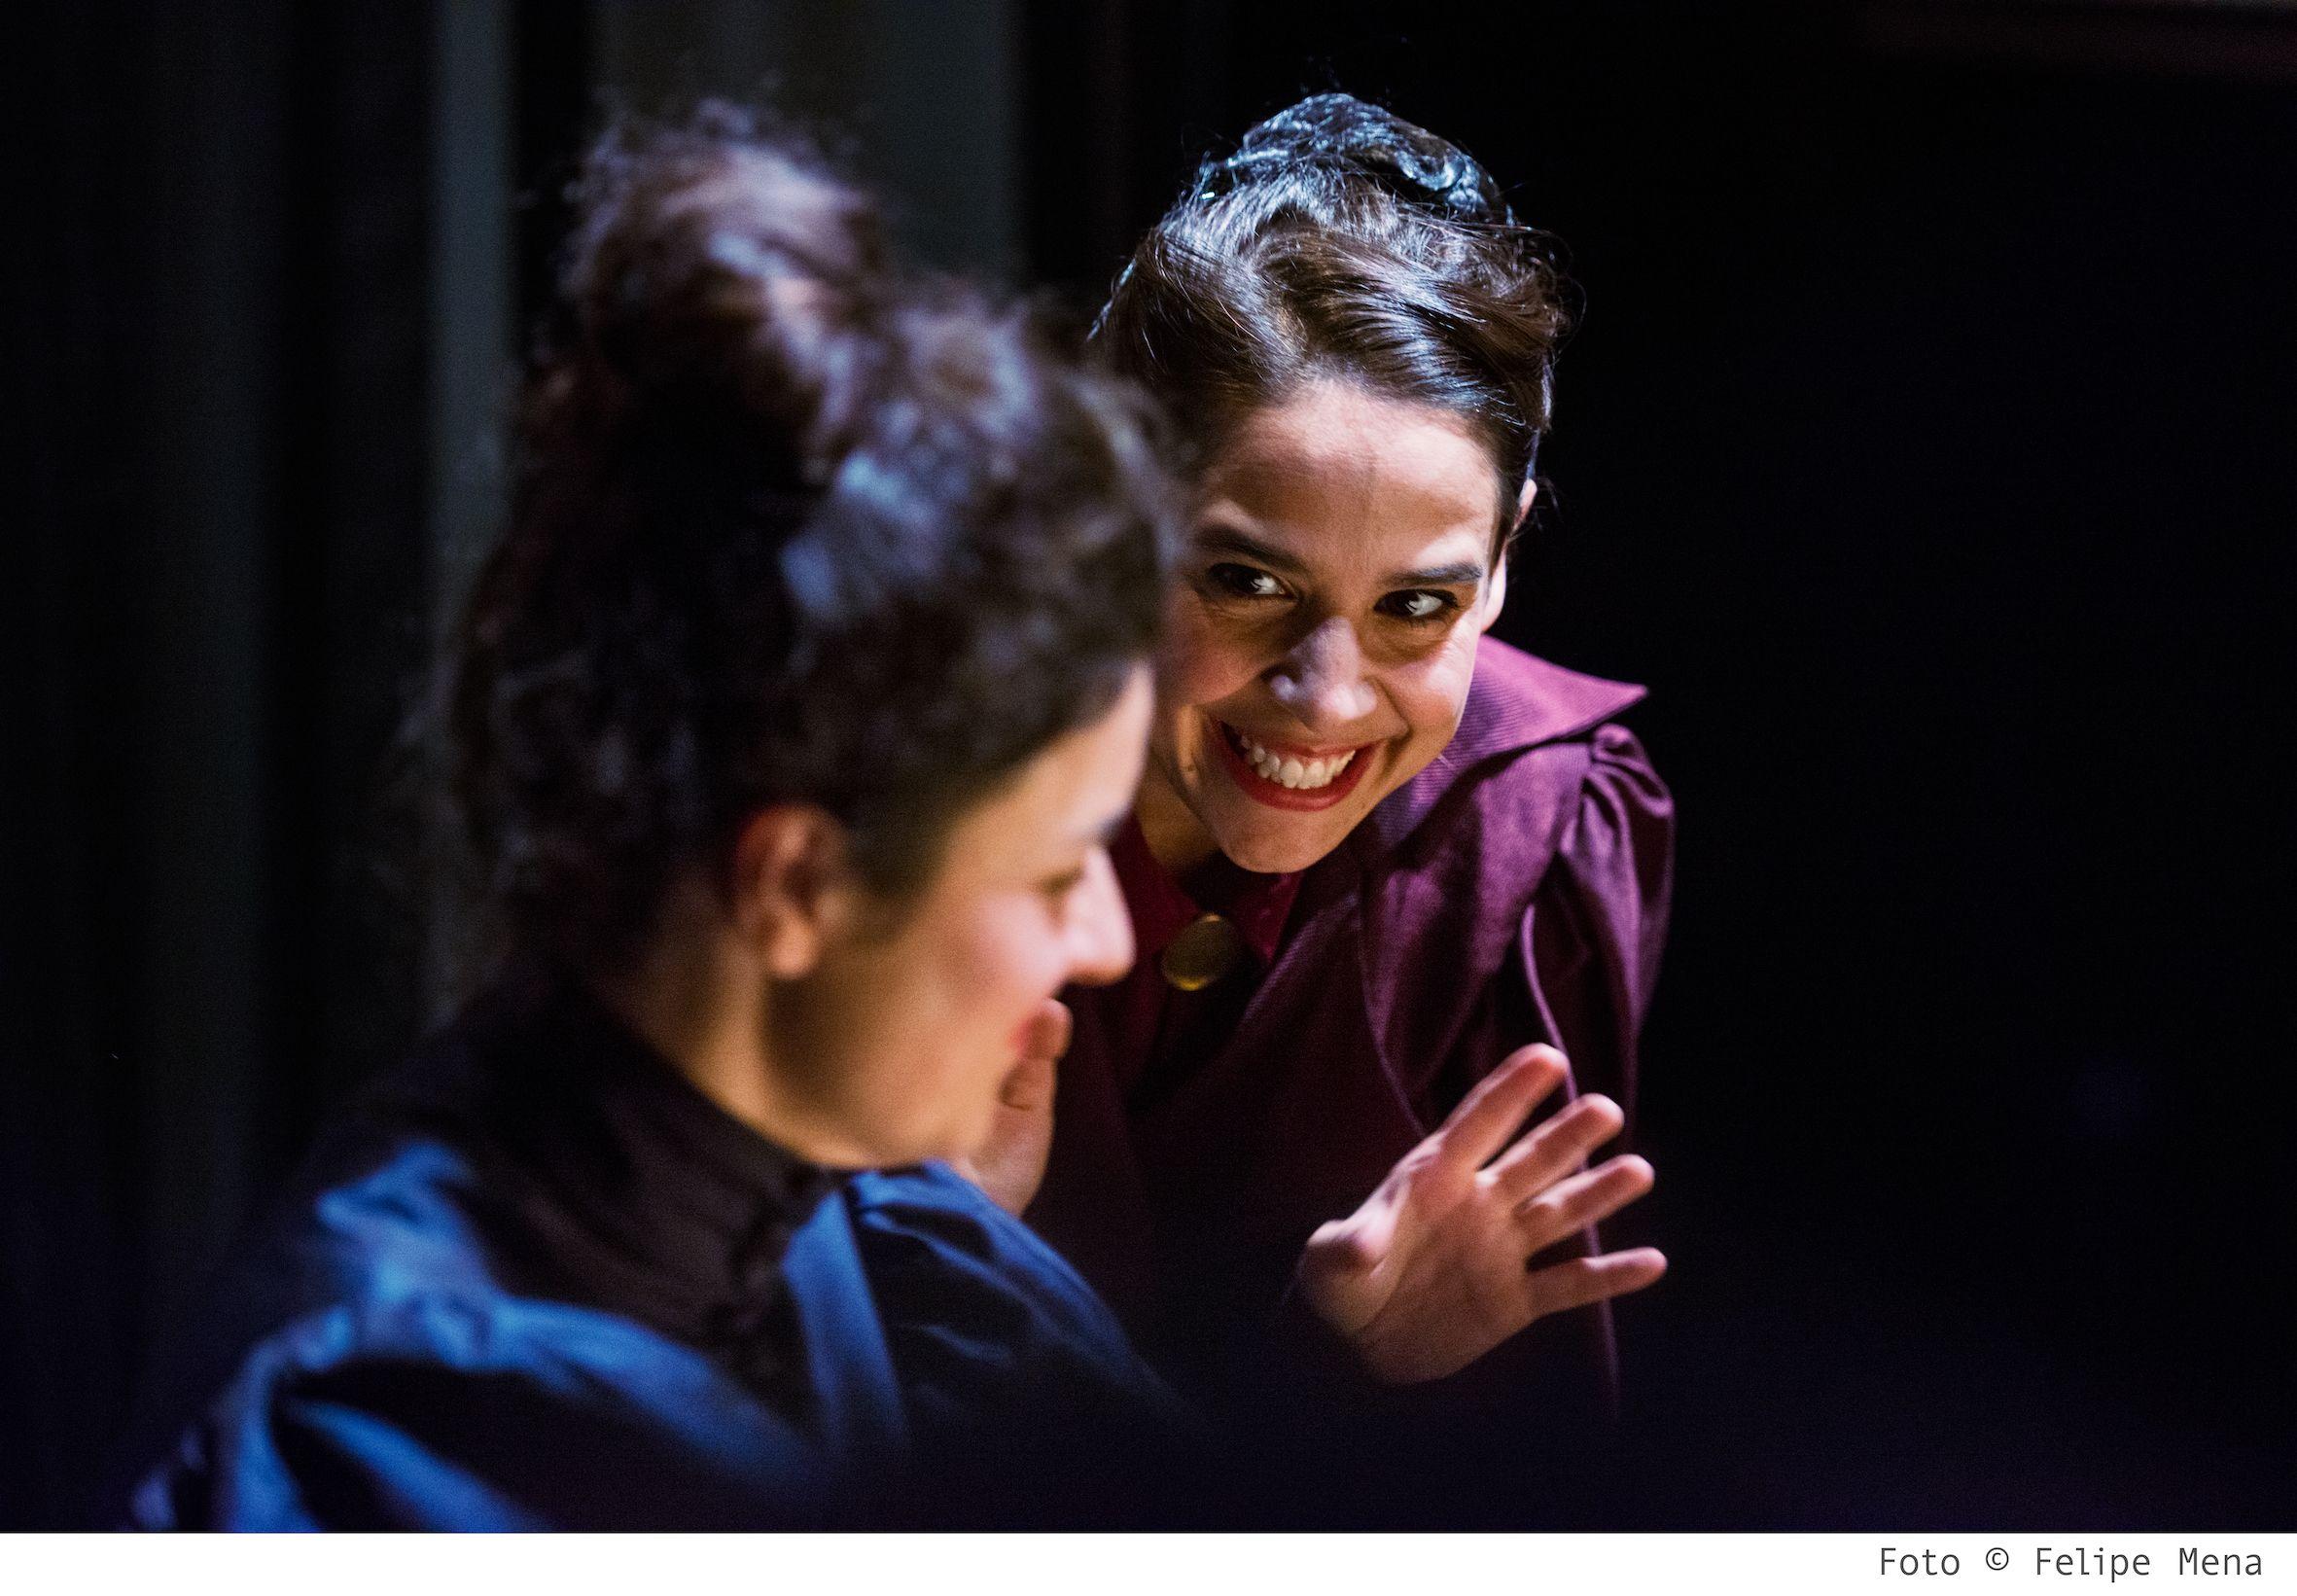 L'habitació del costat (The vibrator play) - (c) Felipe Mena